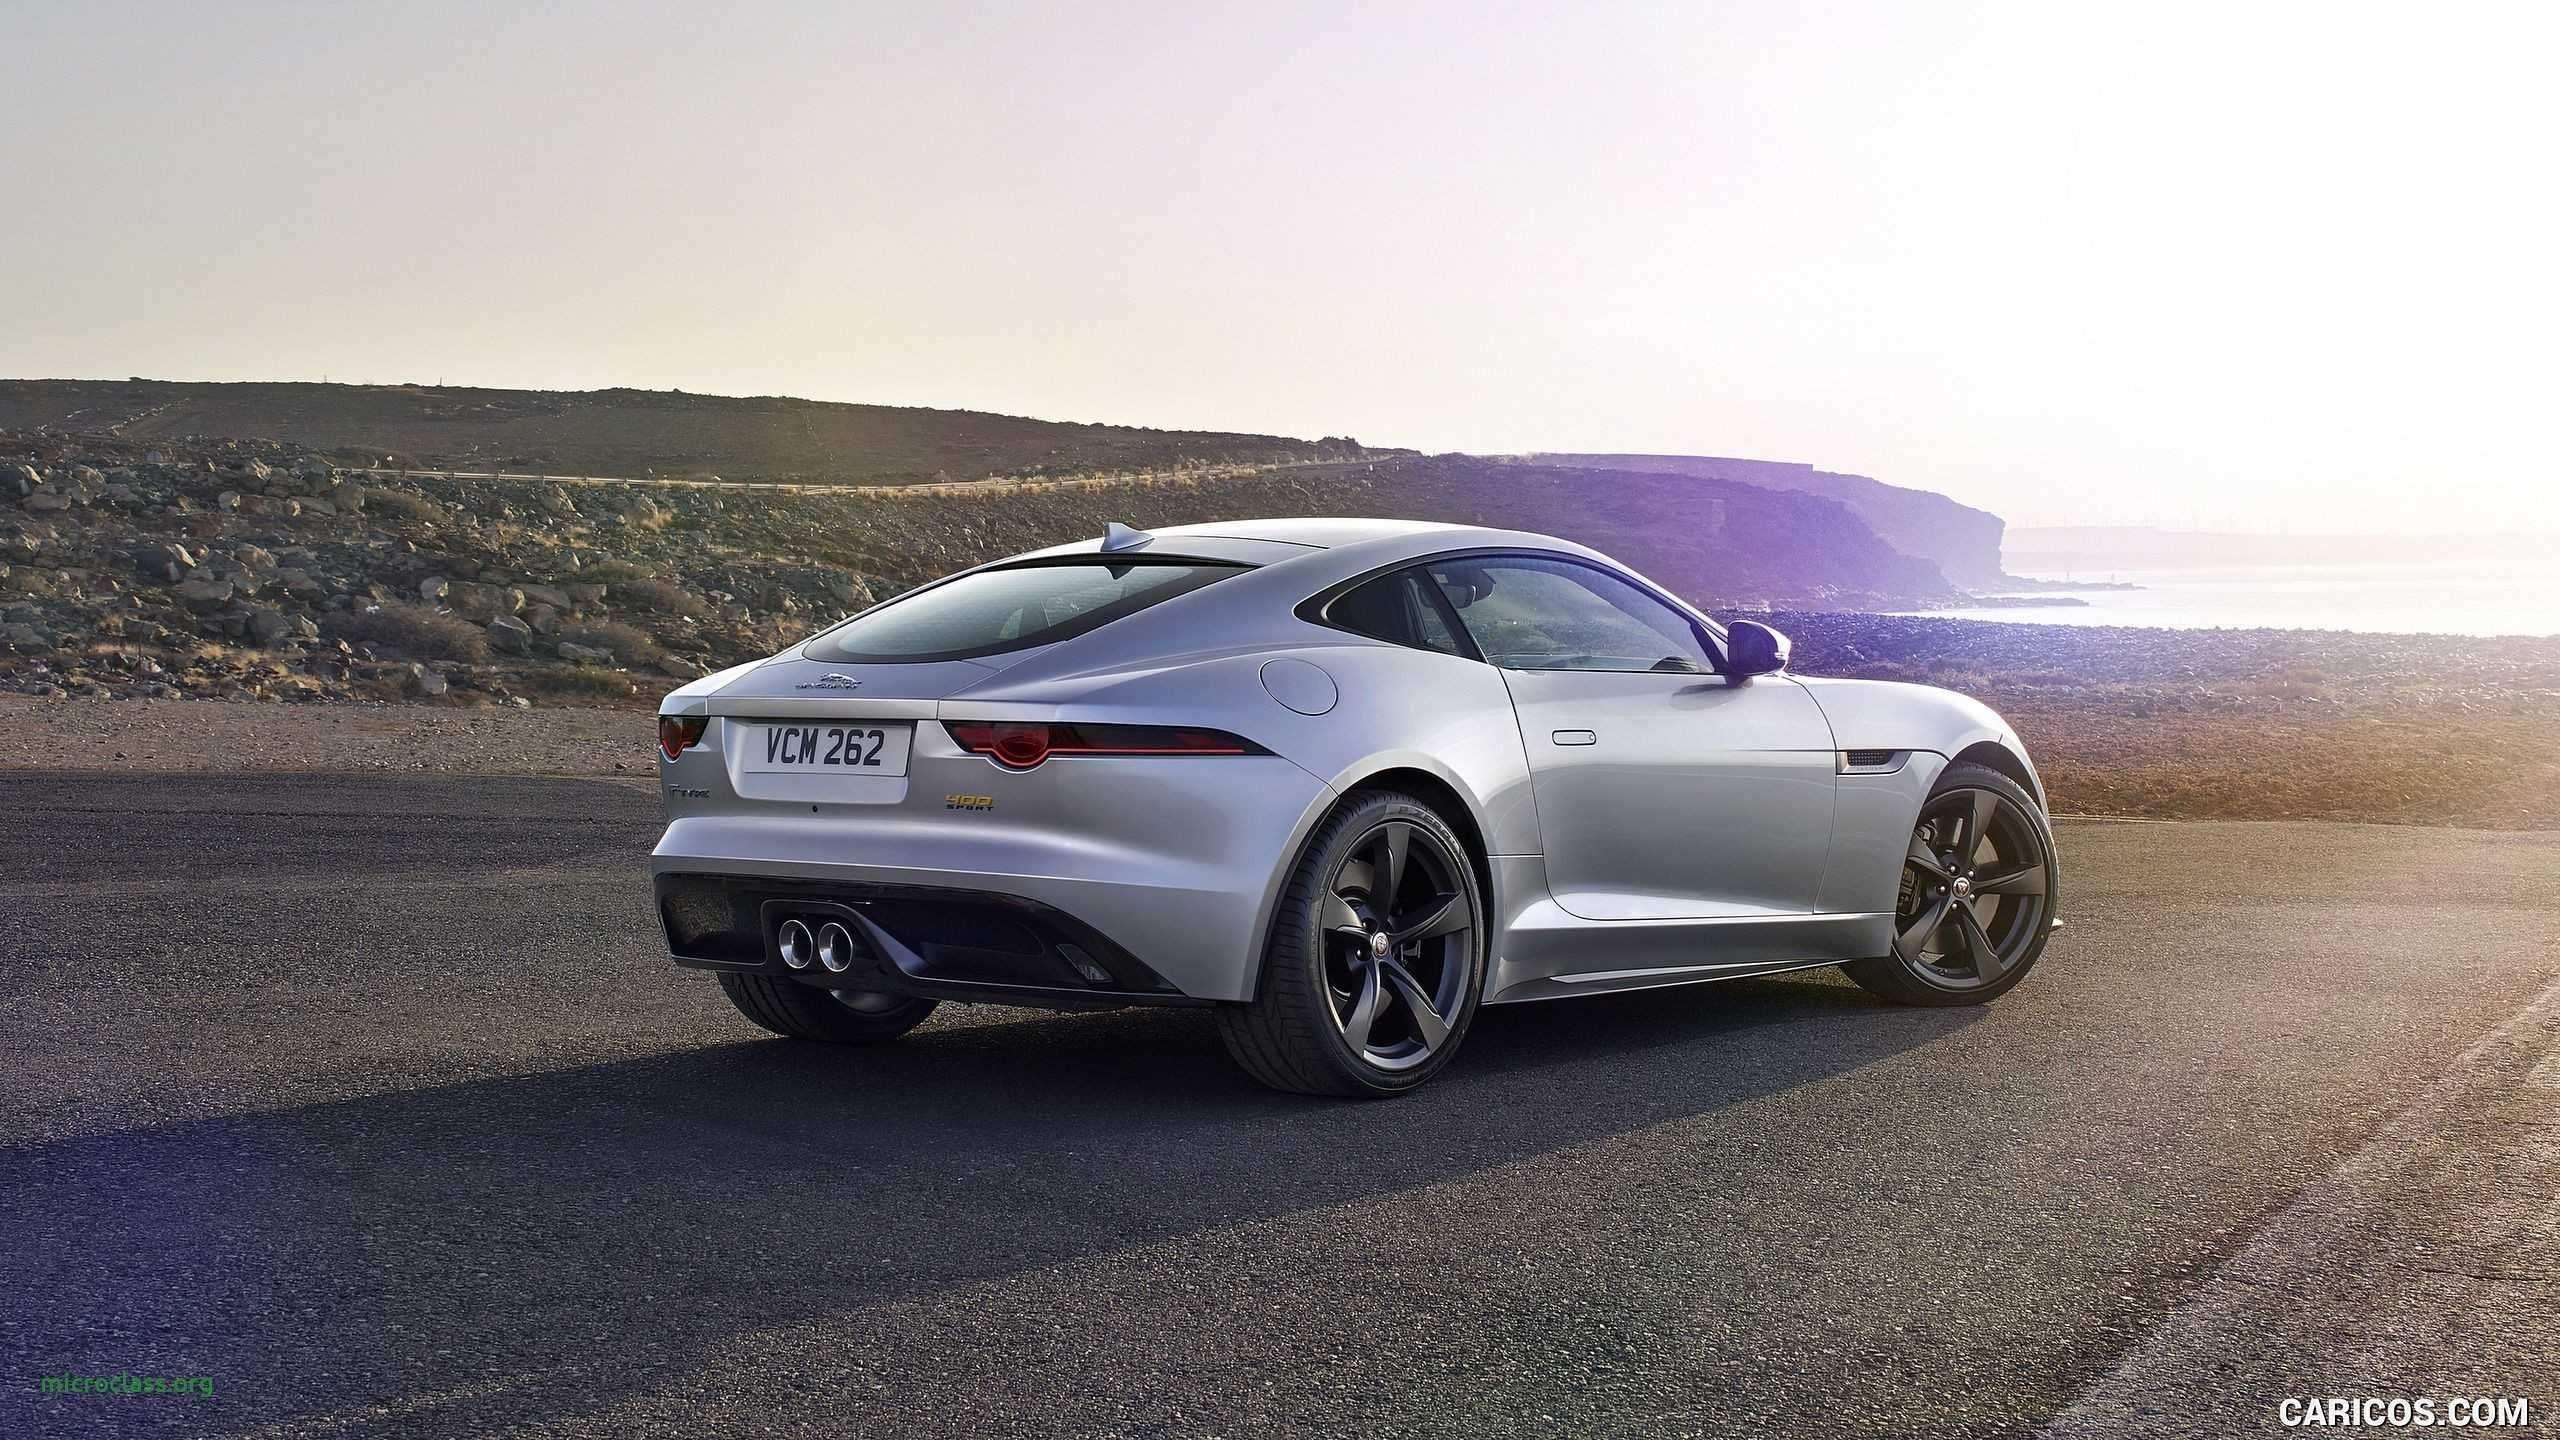 42 Best Review Jaguar Xj Coupe 2019 Rumors for Jaguar Xj Coupe 2019